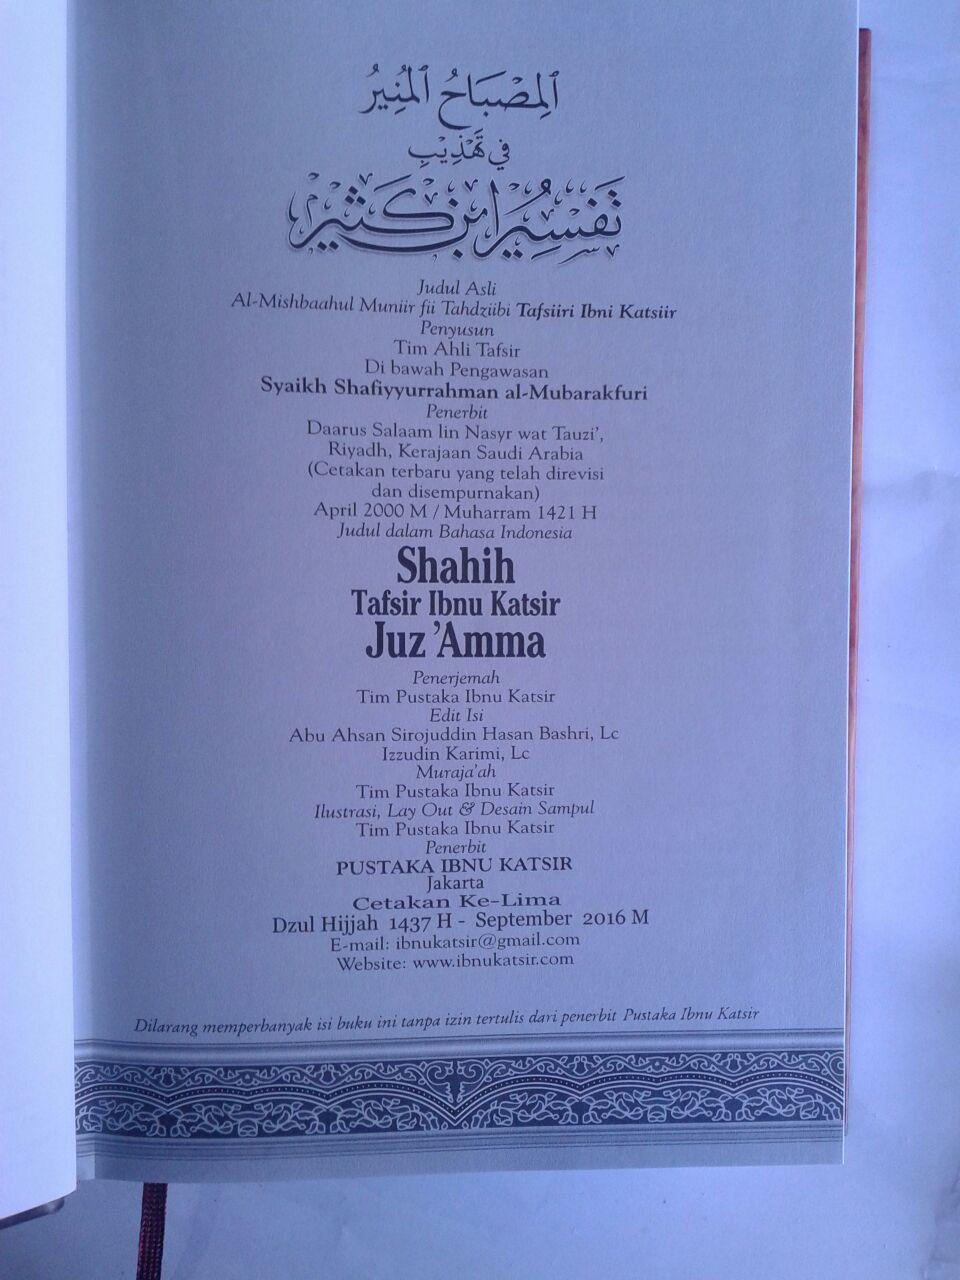 Buku Shahih Tafsir Ibnu Katsir Juz 'Amma isi